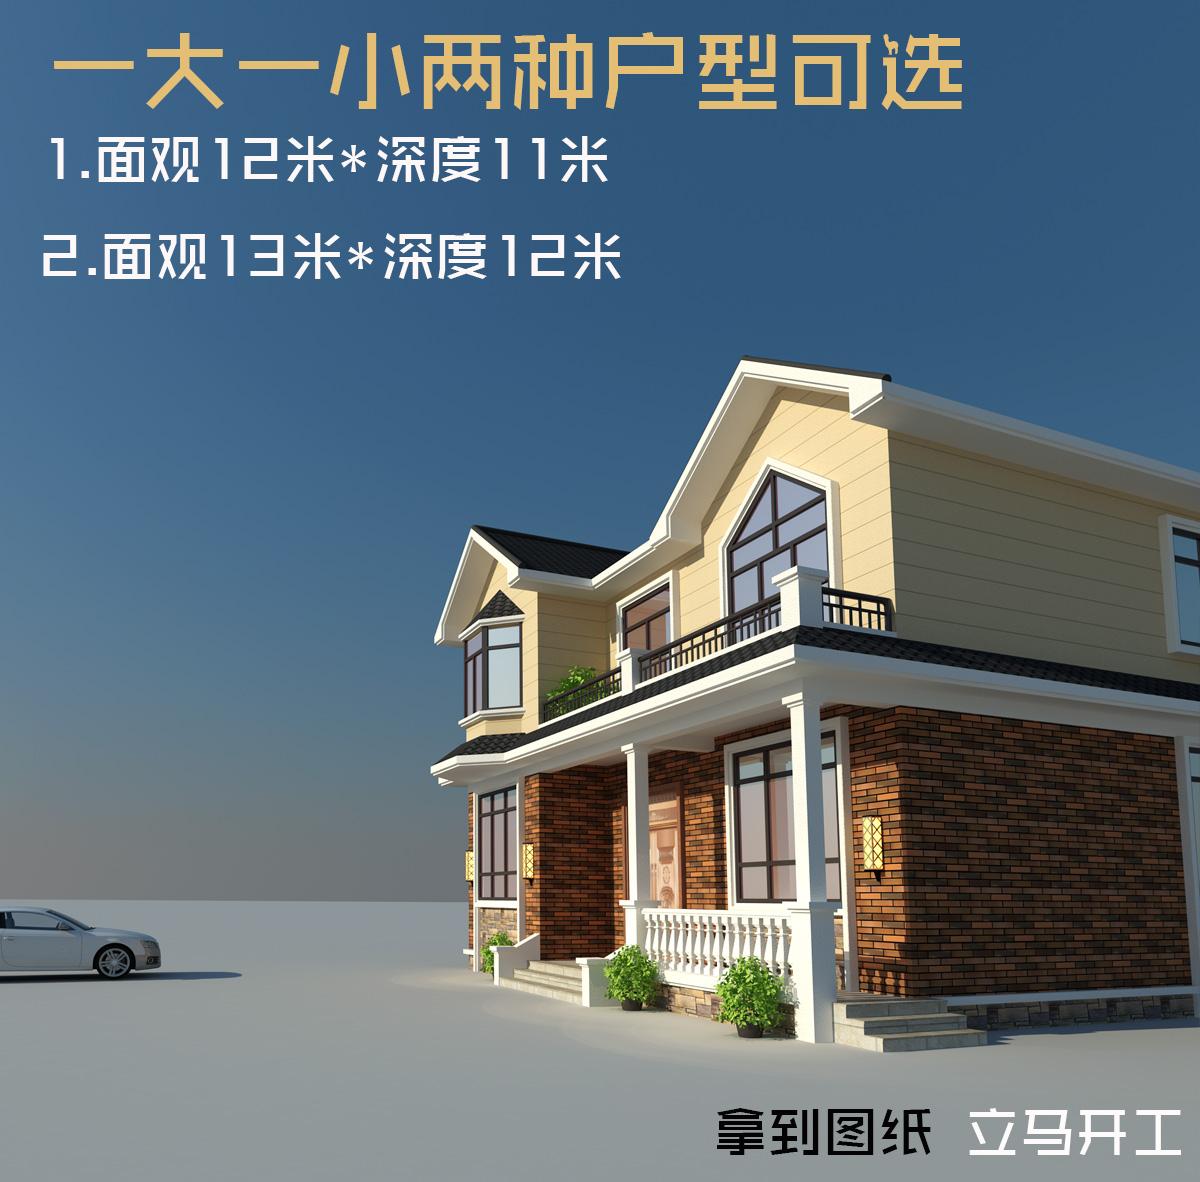 小别墅设计图纸 农村两层自建房设计图 美式风格别墅效果图施工图_7折